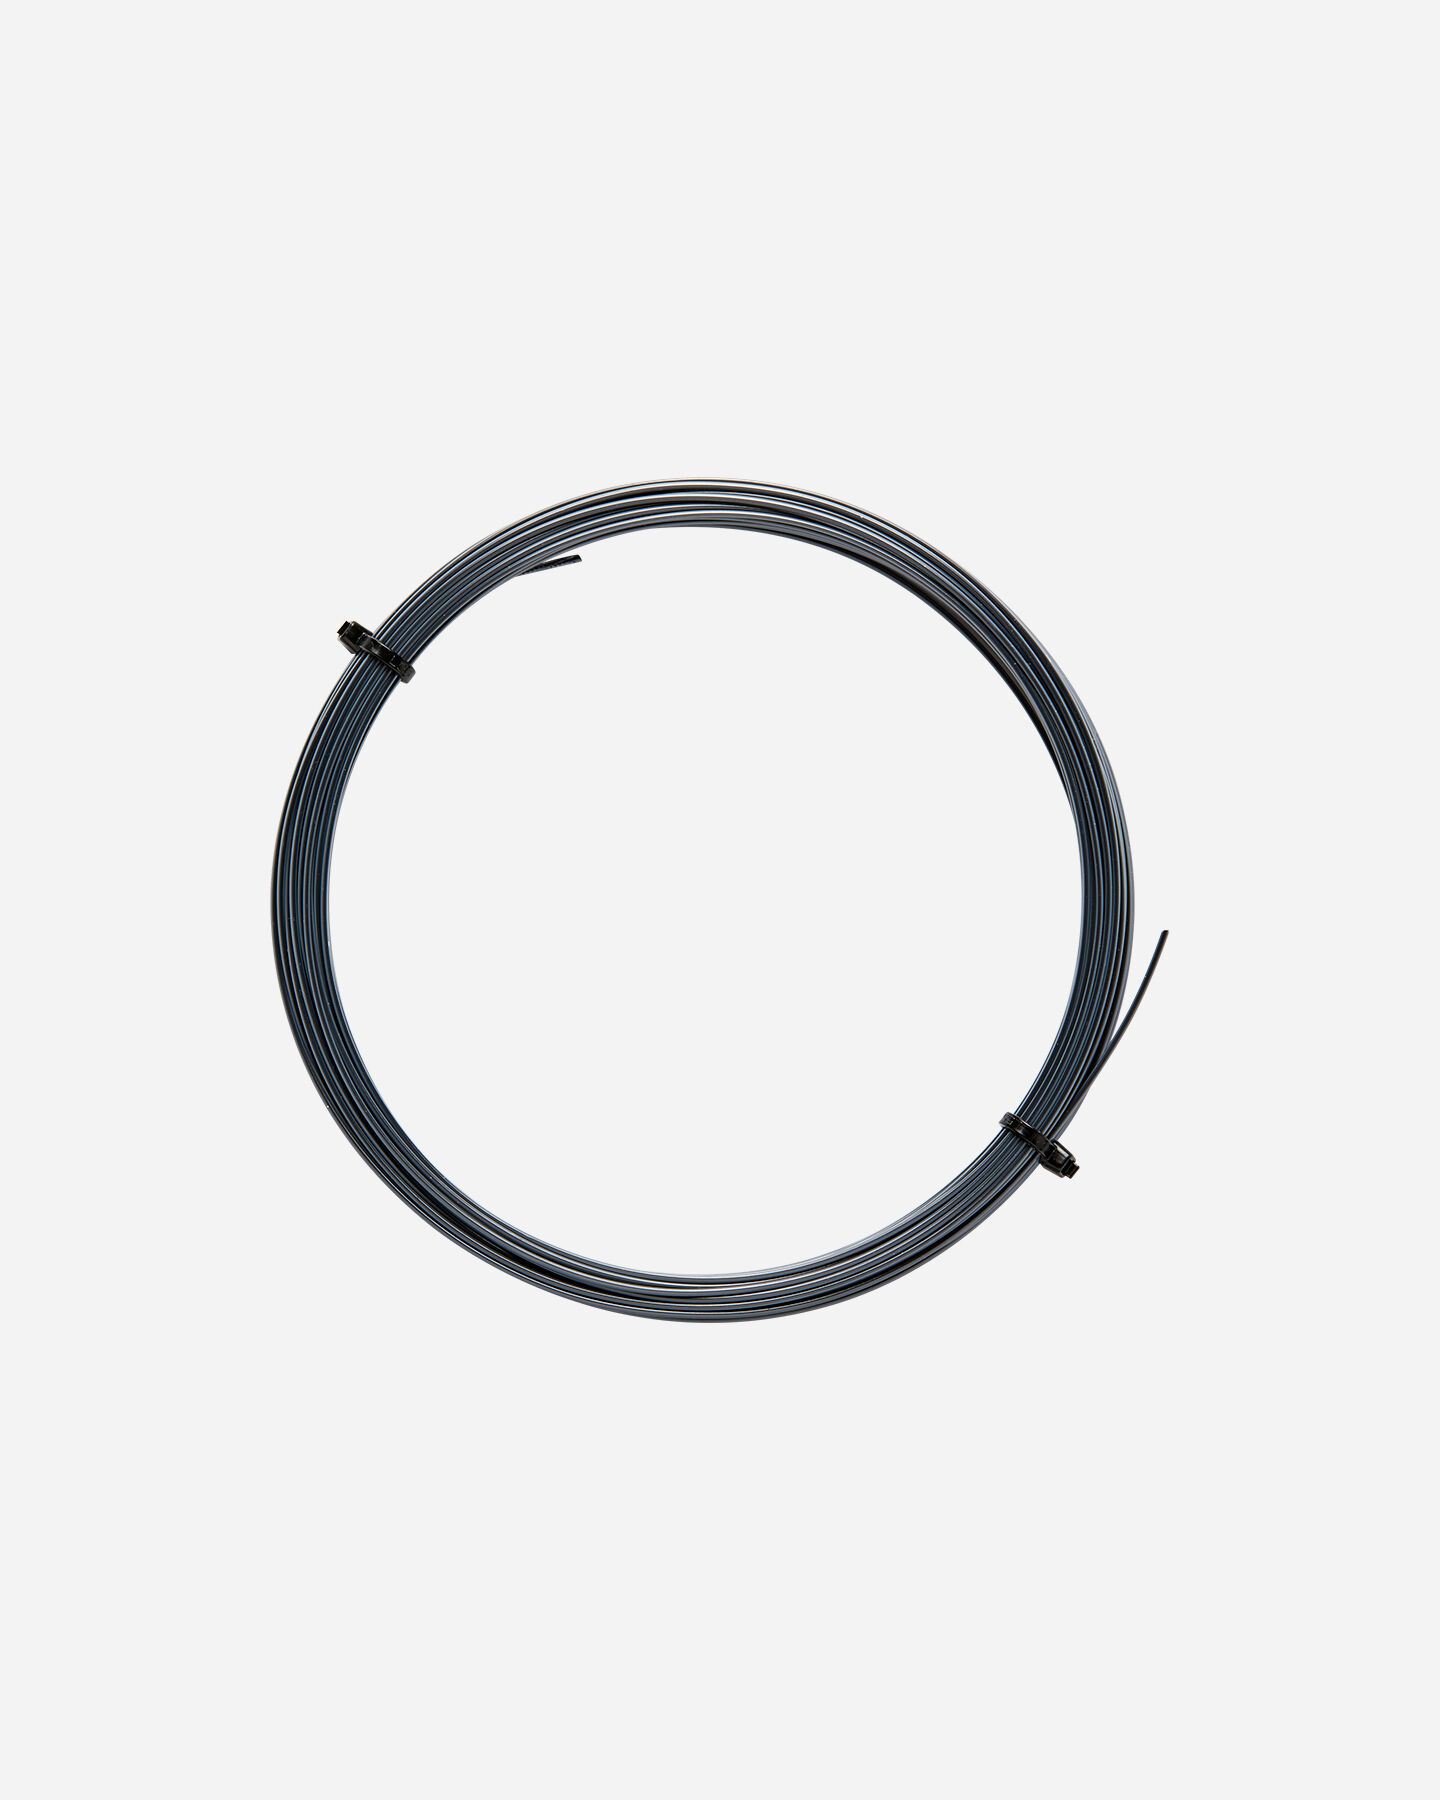 Corde tennis WILSON SMART S5089552|UNI|125 scatto 1